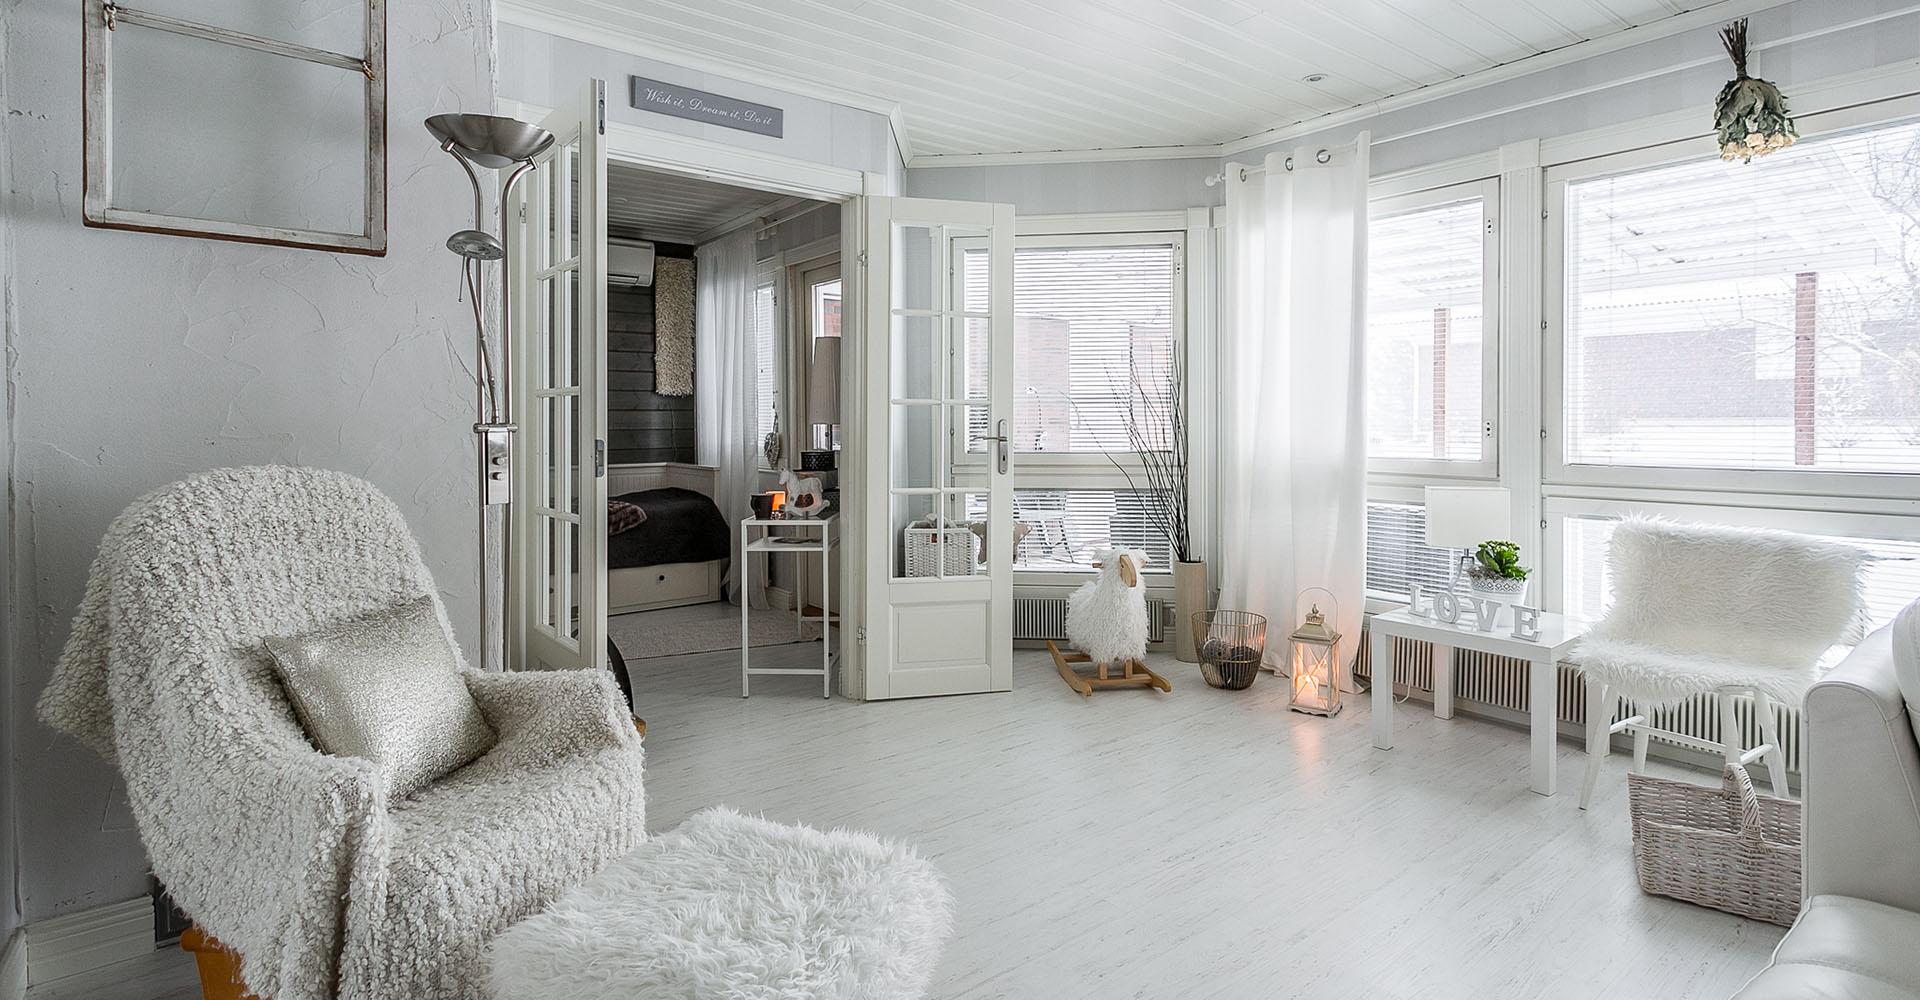 Laadukkaat kuvat myyvät asunnon